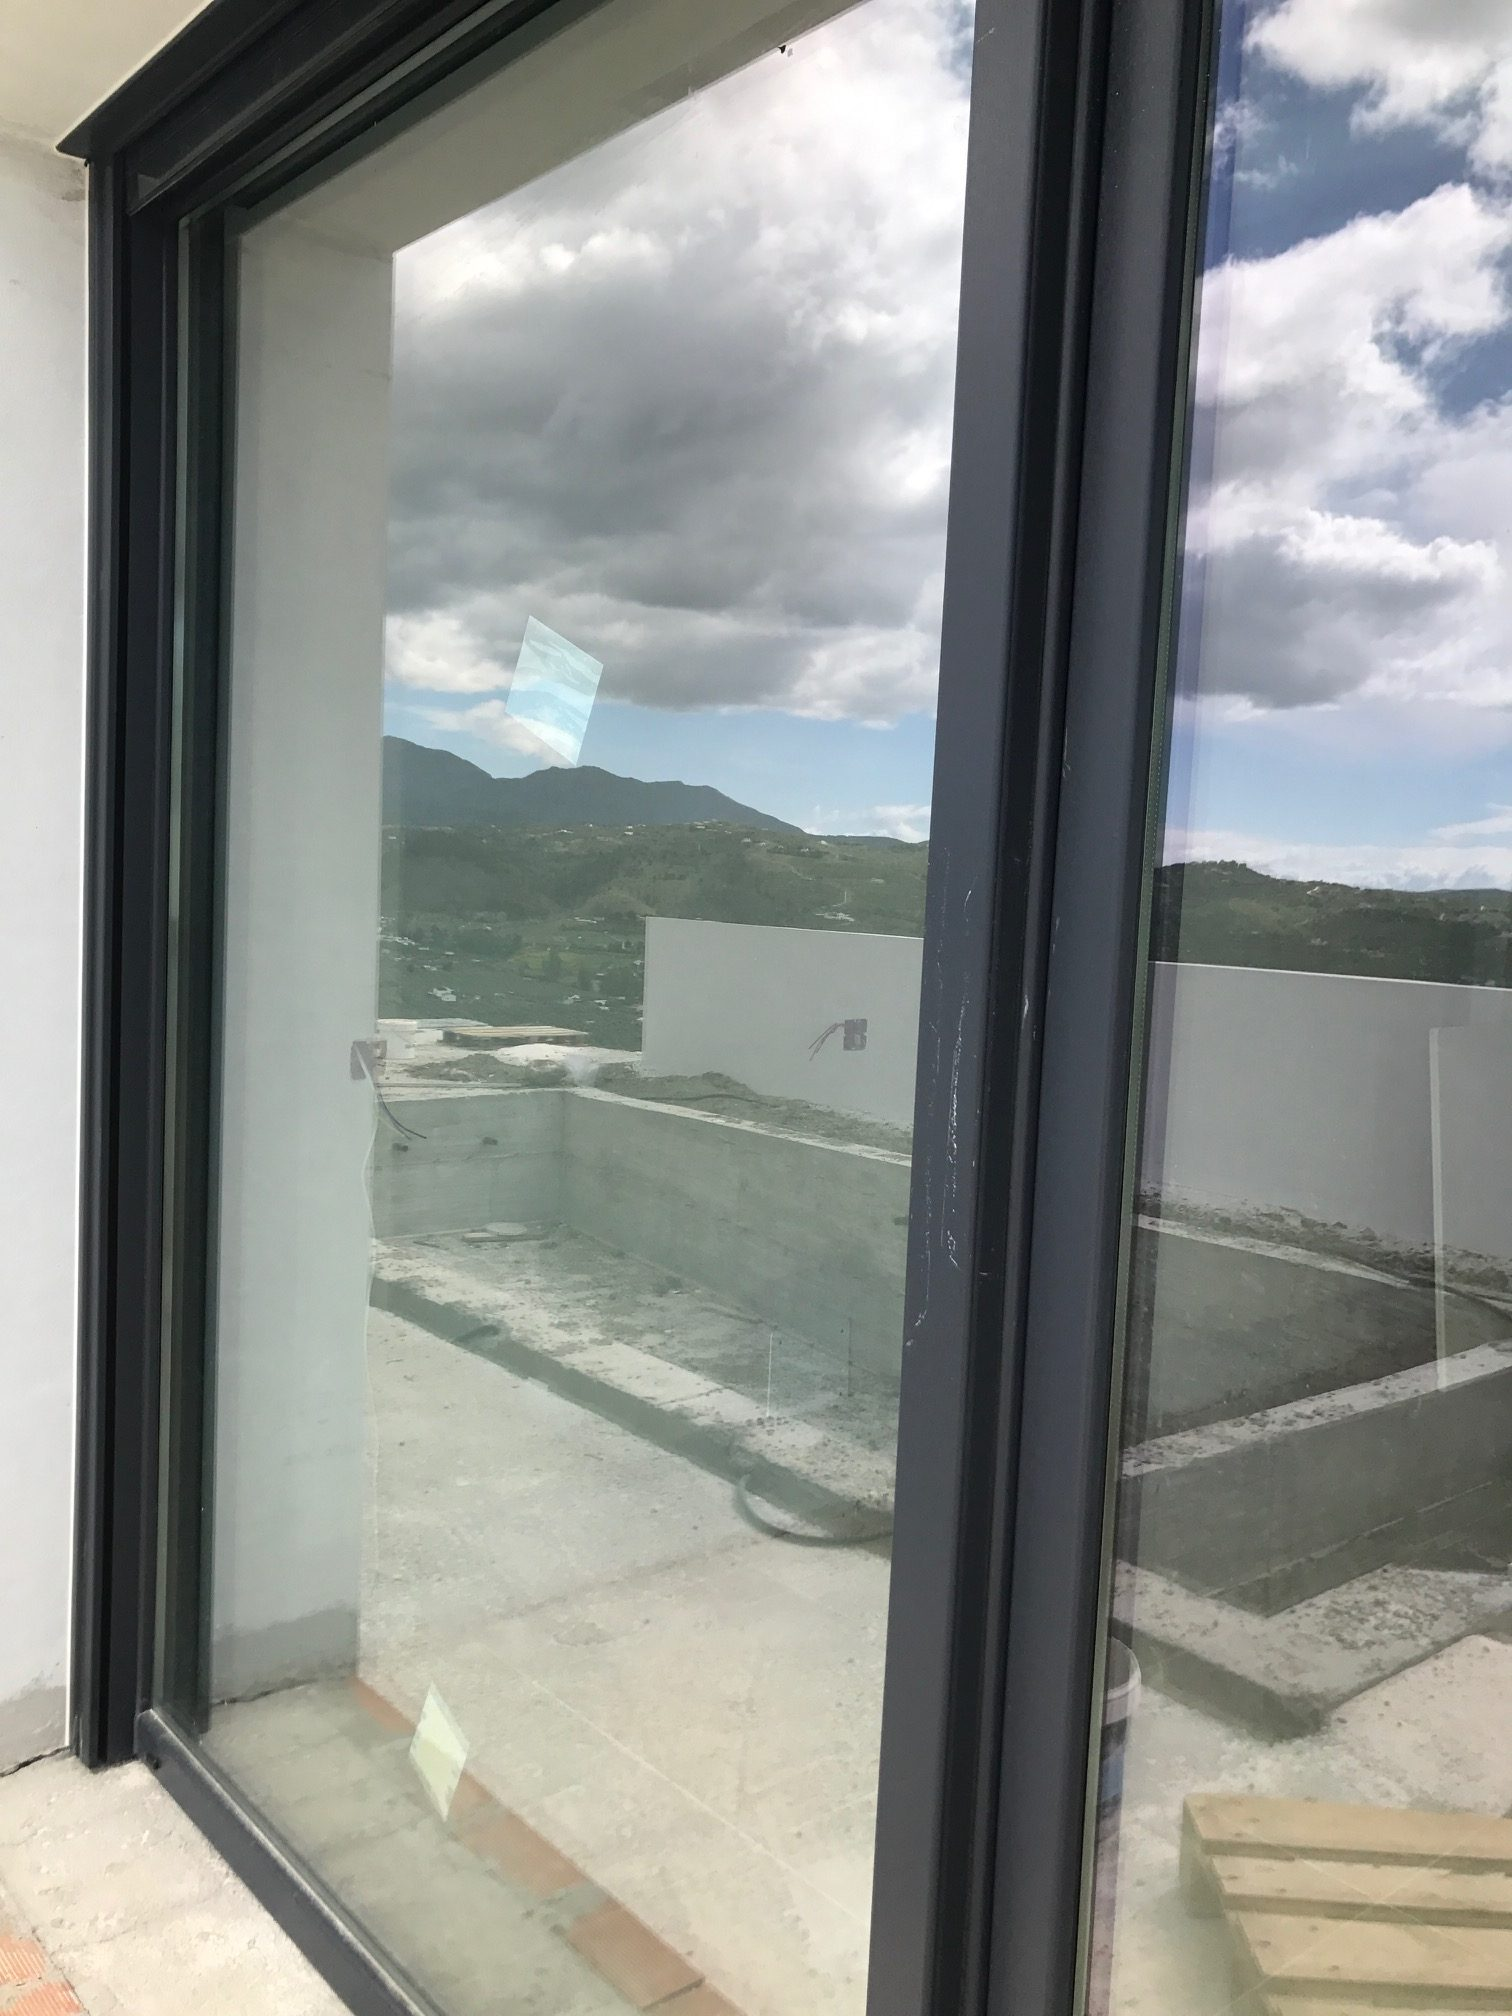 Instalación De Puerta Deslizante Horizontal Elevadora Ventanas De Pvc